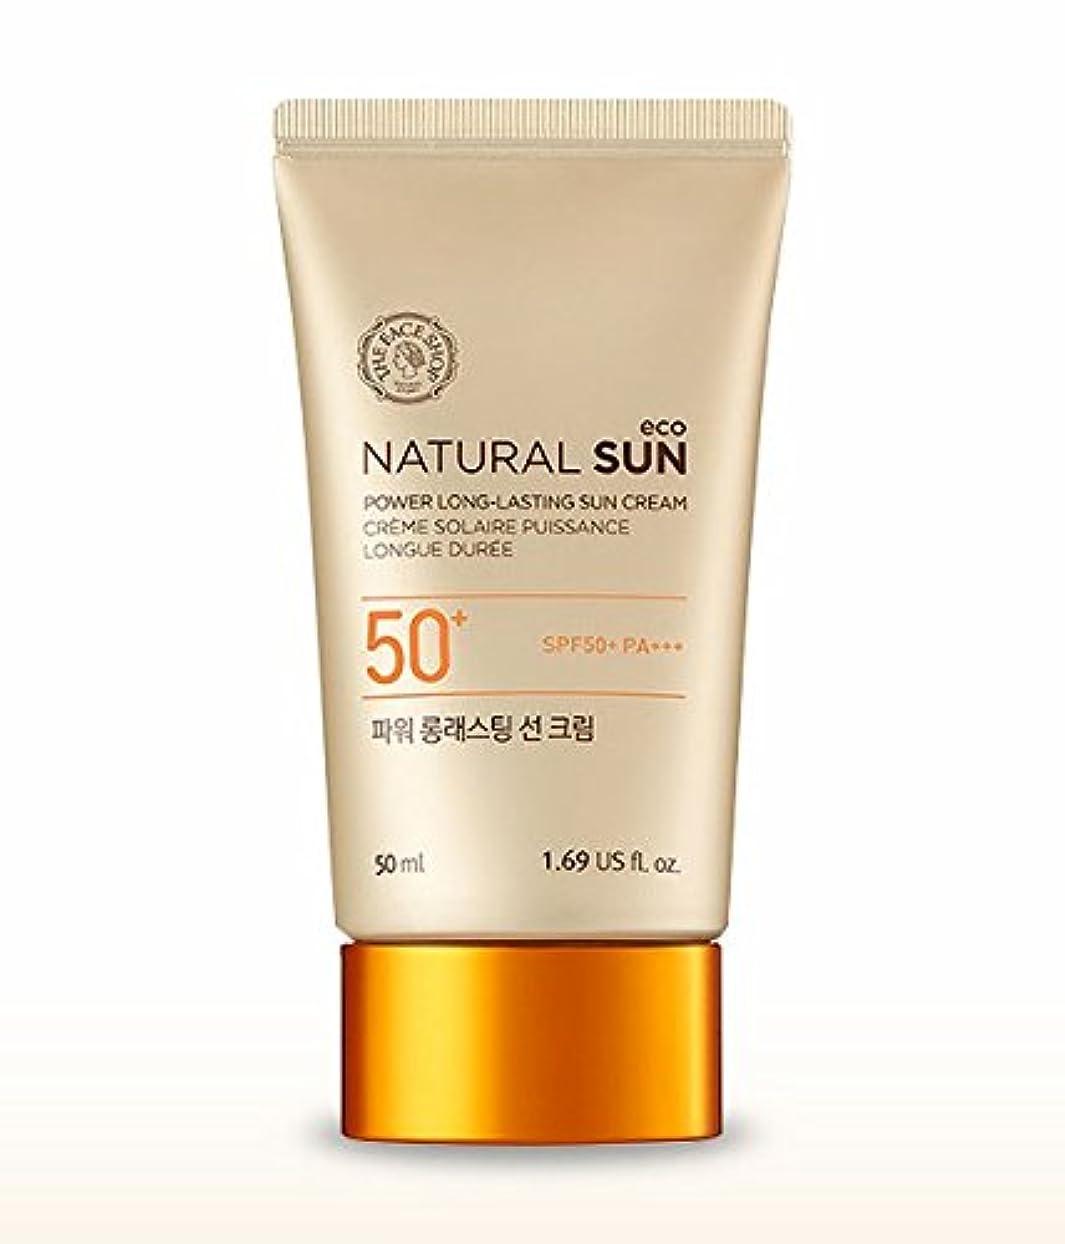 周囲悲惨垂直THE FACE SHOP Natural Sun Eco Power Long Lasting Sun Cream 50mlザフェイスショップ ナチュラルサンパワーロングラスティングサンクリーム [並行輸入品]